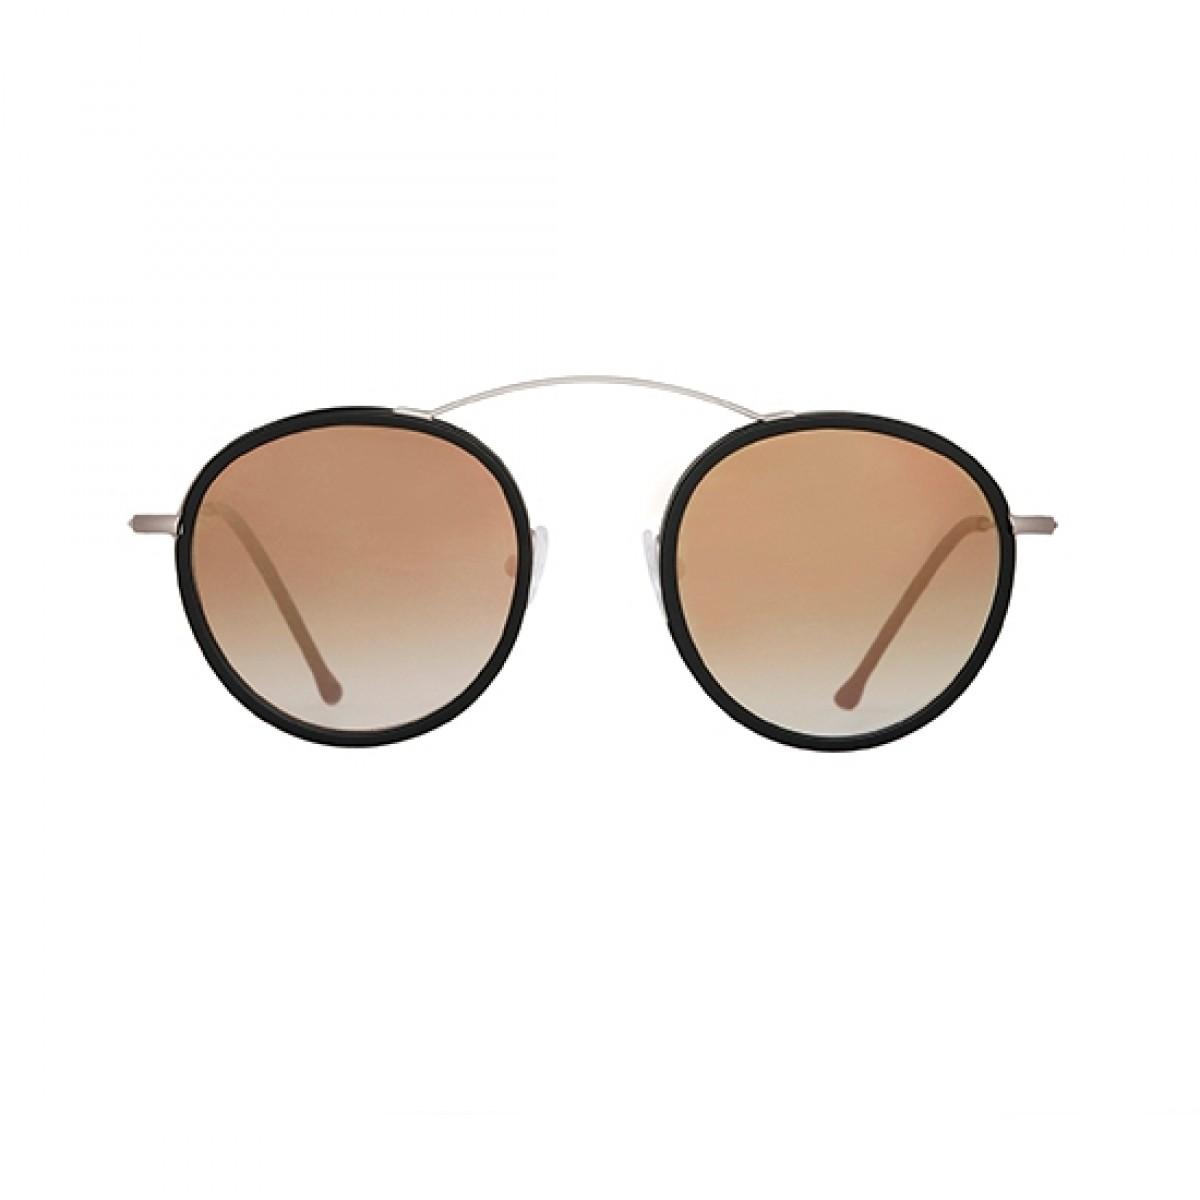 Spektre Metro 2 Flat Argento/Nero Sfumato Specchio Oro, 220,00€, Occhiali Spektre Argento a forma Ovale